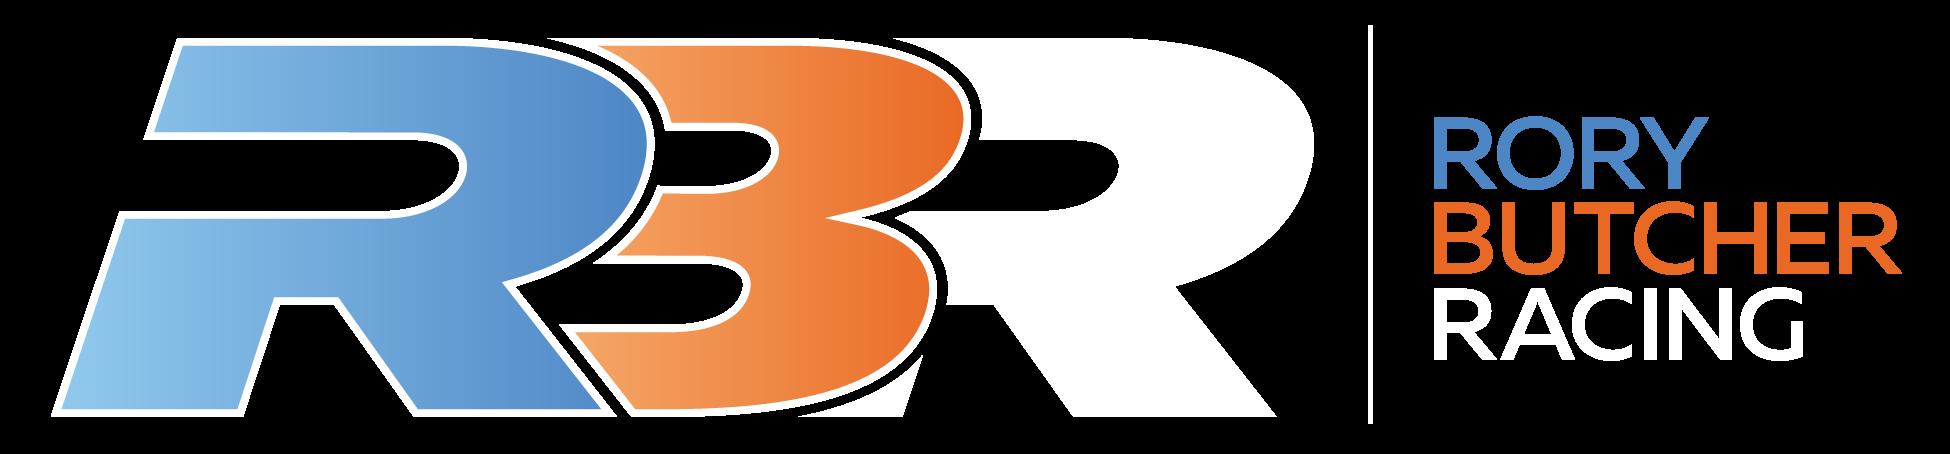 Rory Butcher Racing